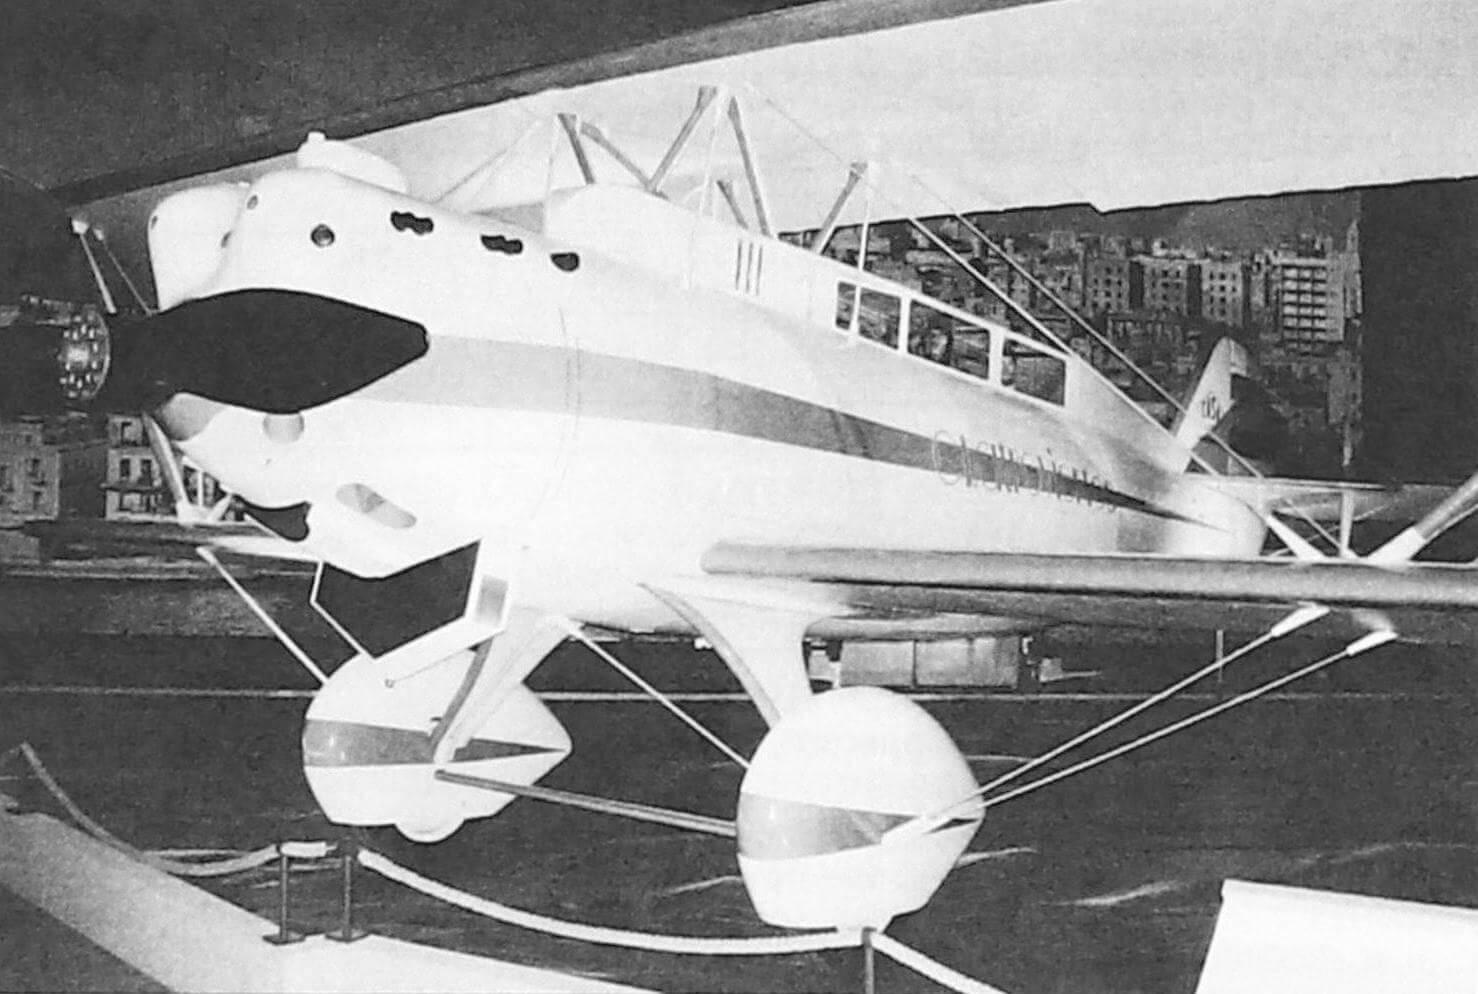 Реплика рекордного самолет» Бреге XIXTR «Куатро-Вьентос»